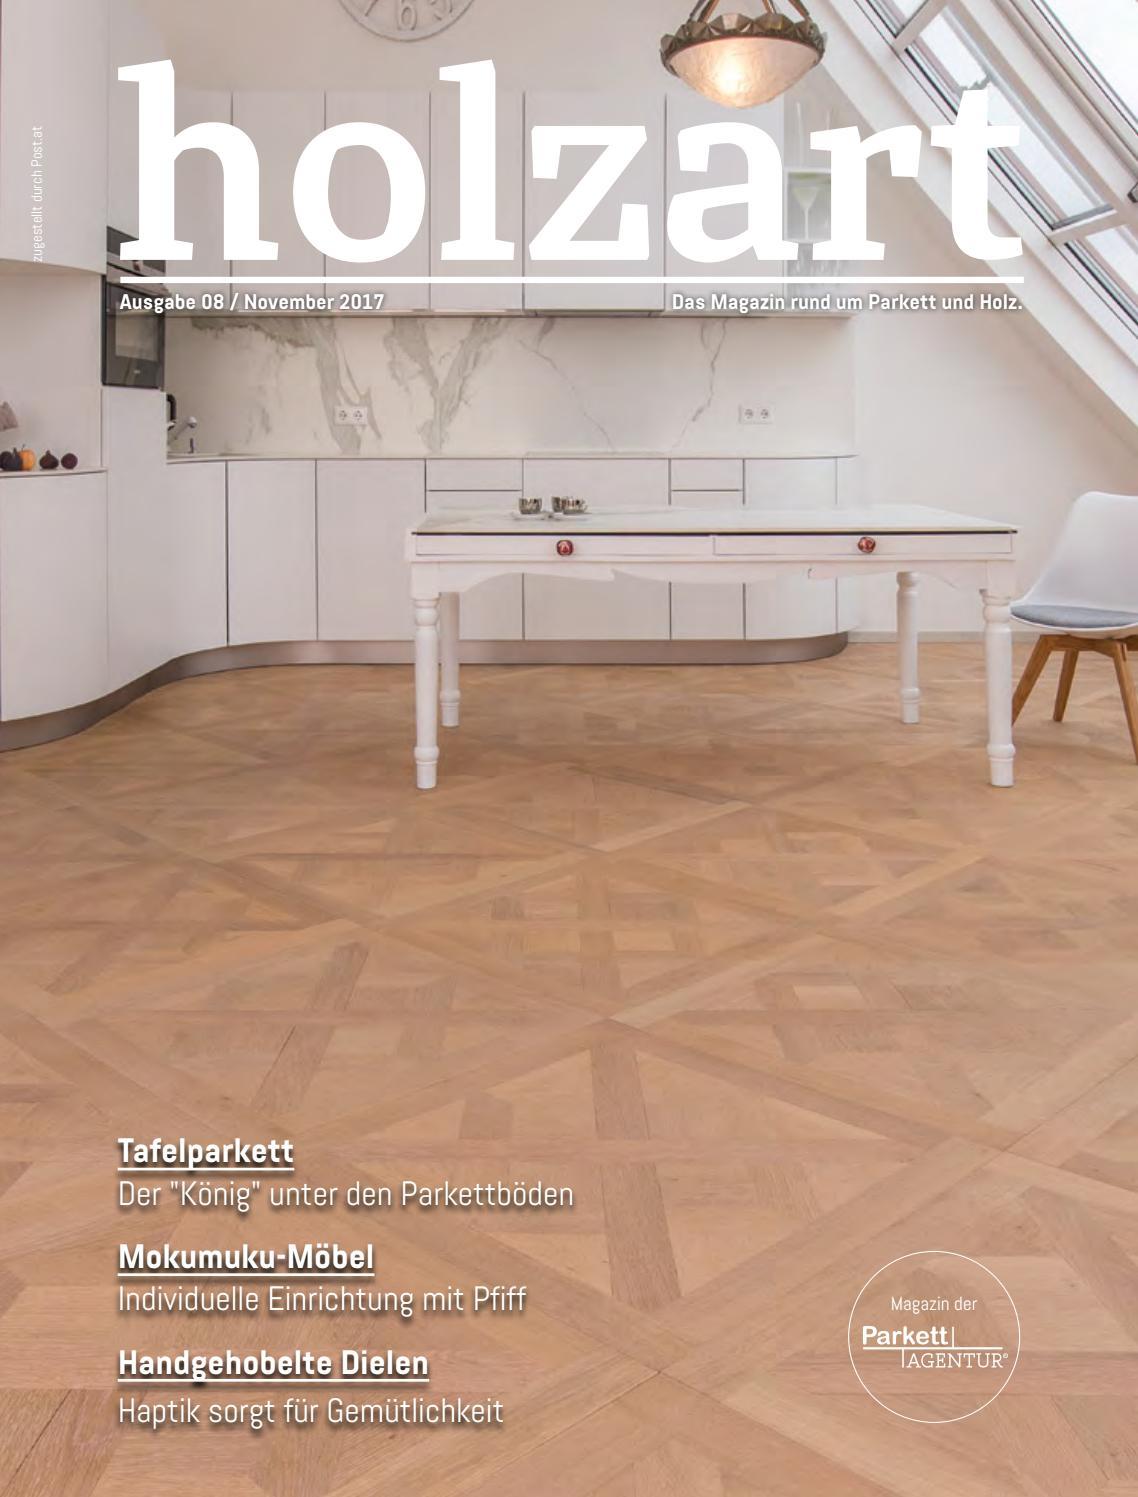 Full Size of Mokumuku Franz Holzart November 2017 By Wohnnet Fertig Sofa Französische Betten Wohnzimmer Mokumuku Franz